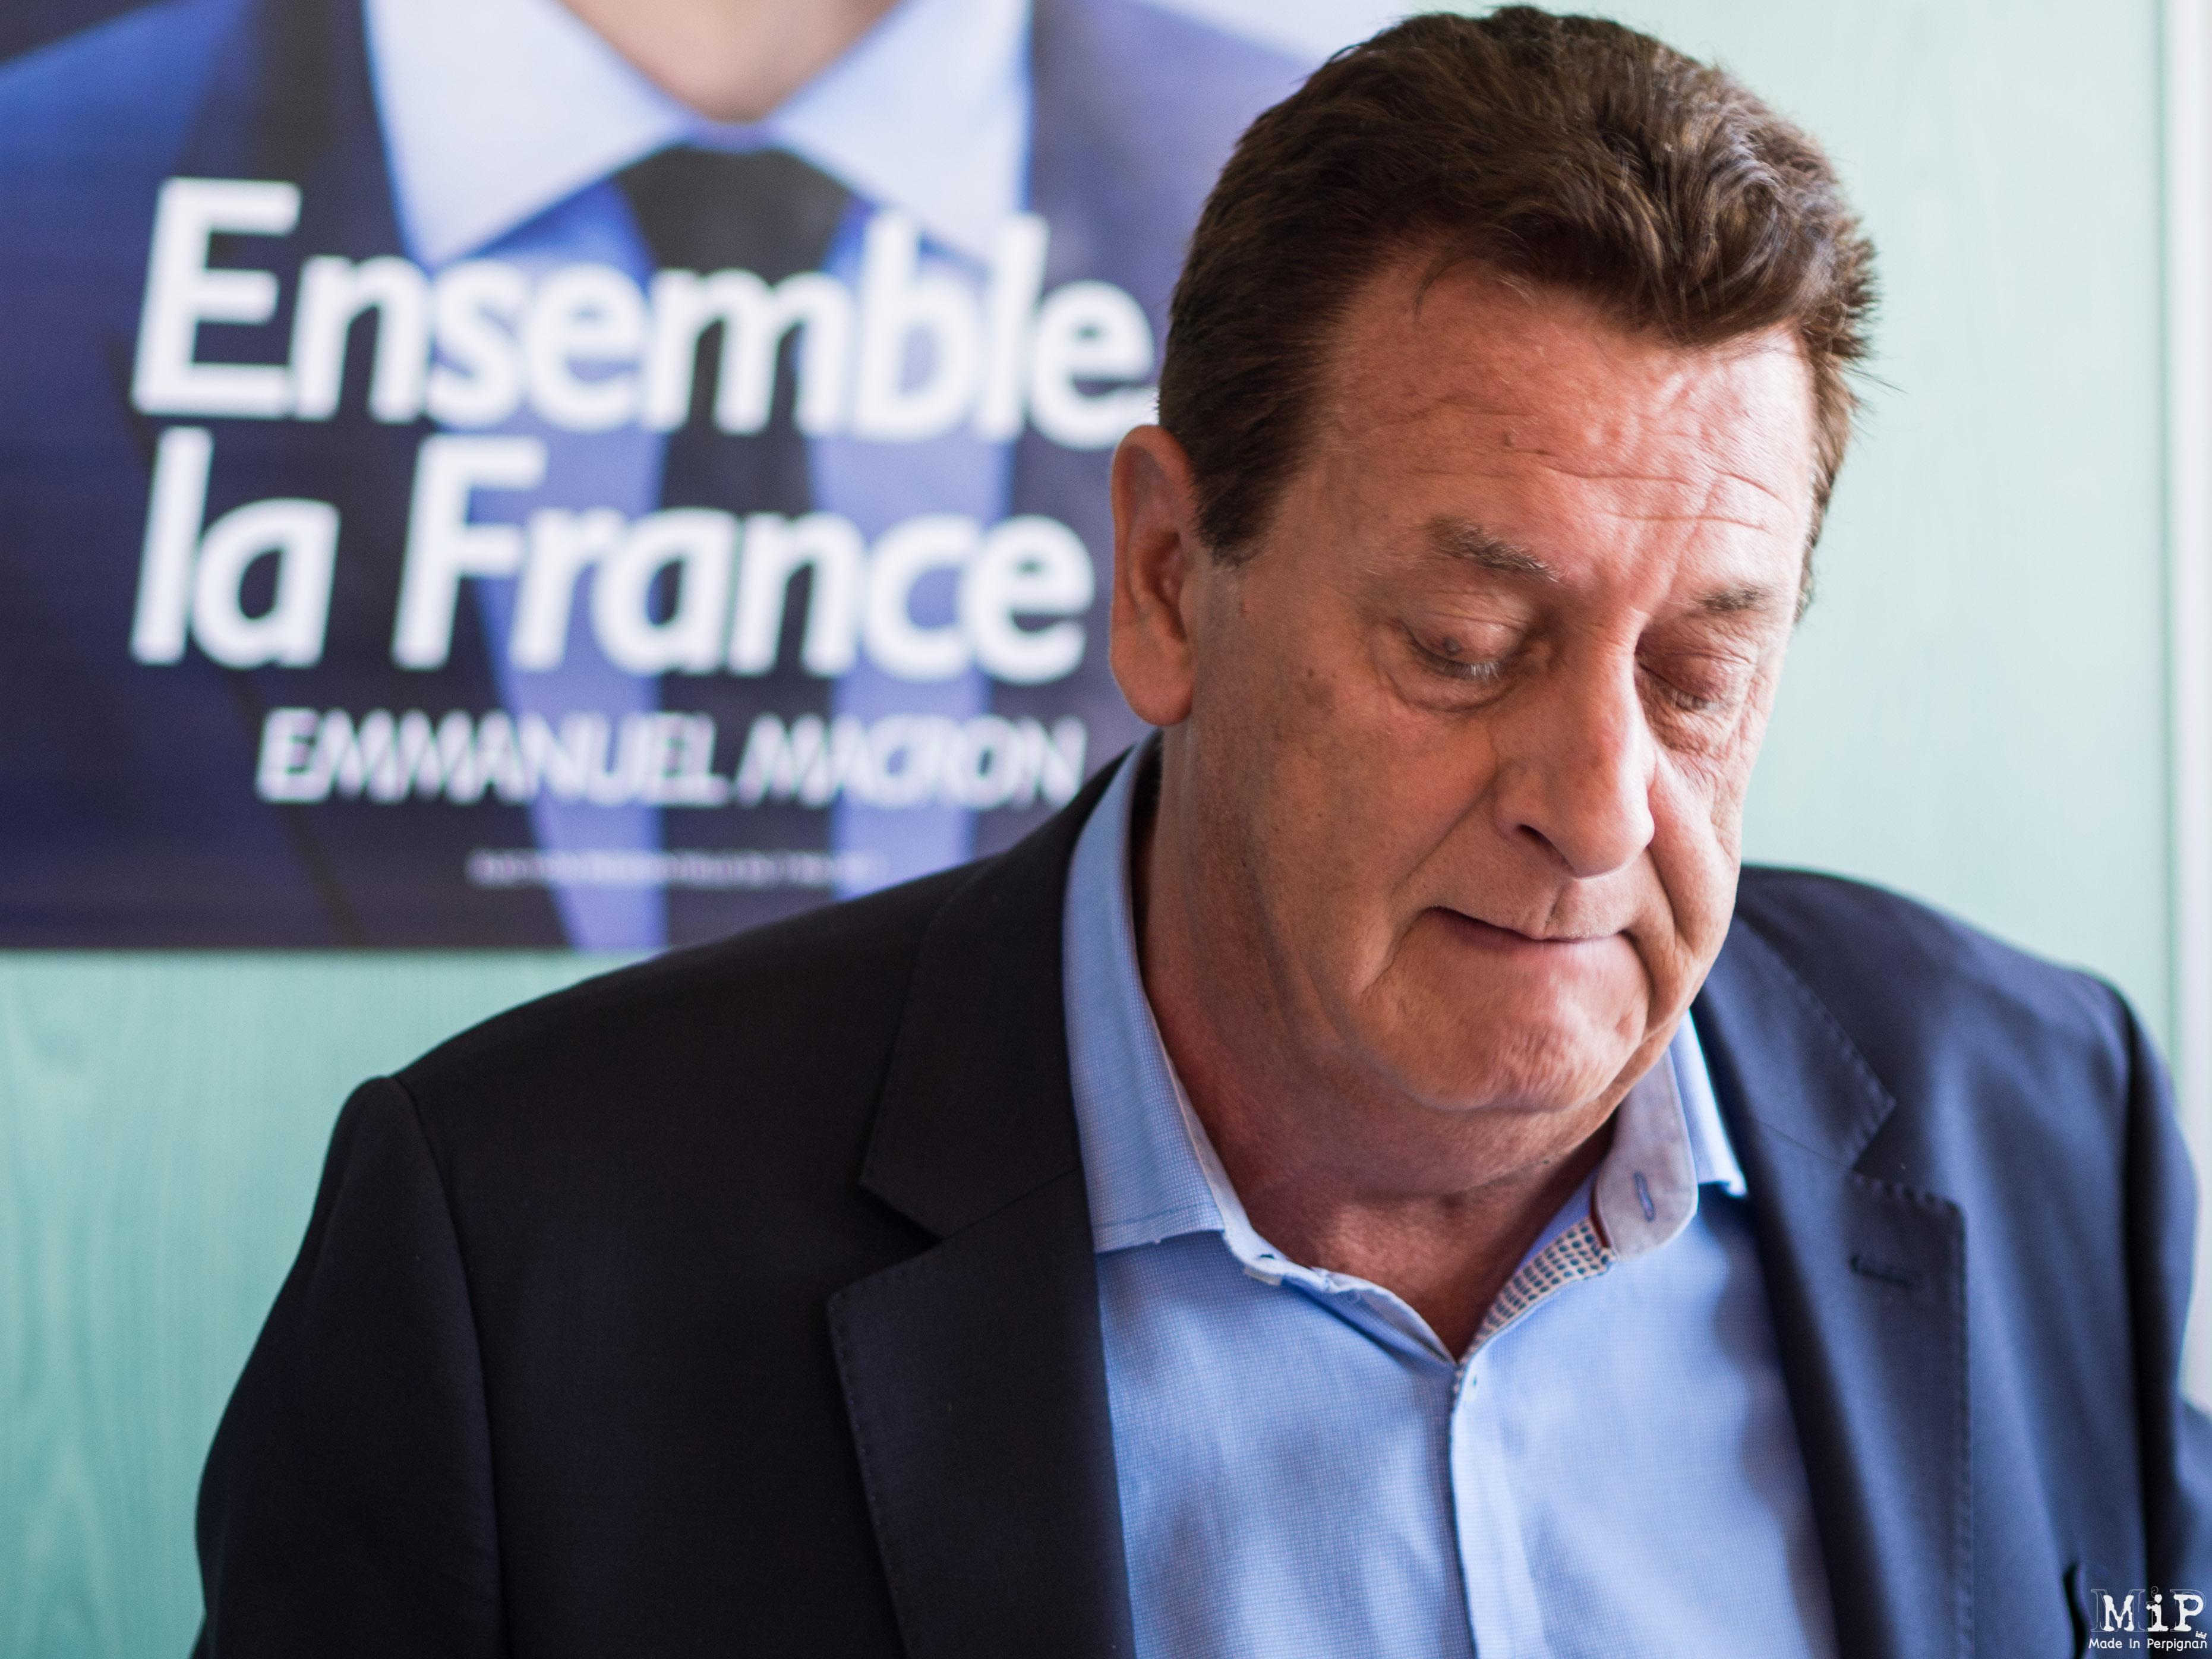 Jacques cresta quittera bien le ps pour en marche en d pit for La cir perpignan